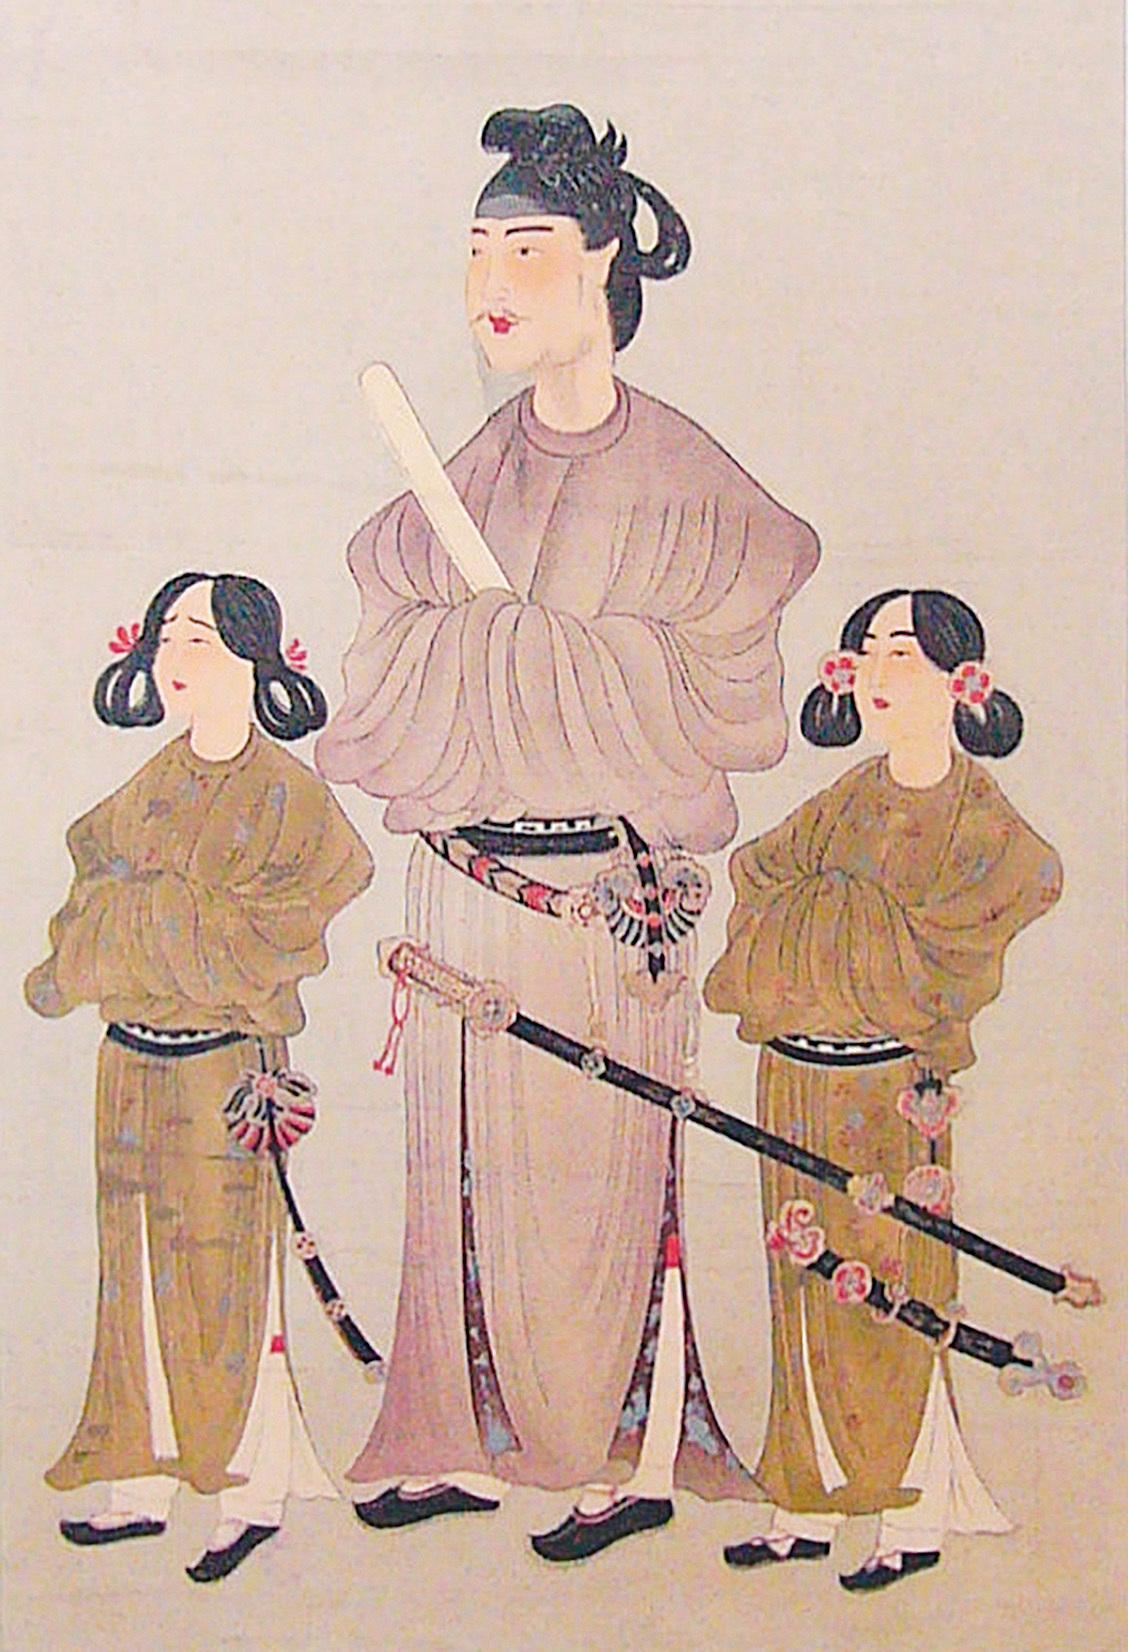 聖德太子(中)及其皇弟殖栗皇子(左)和長子山背大兄王(右)的肖像畫。雕版印刷畫,公元8世紀。(公有領域)